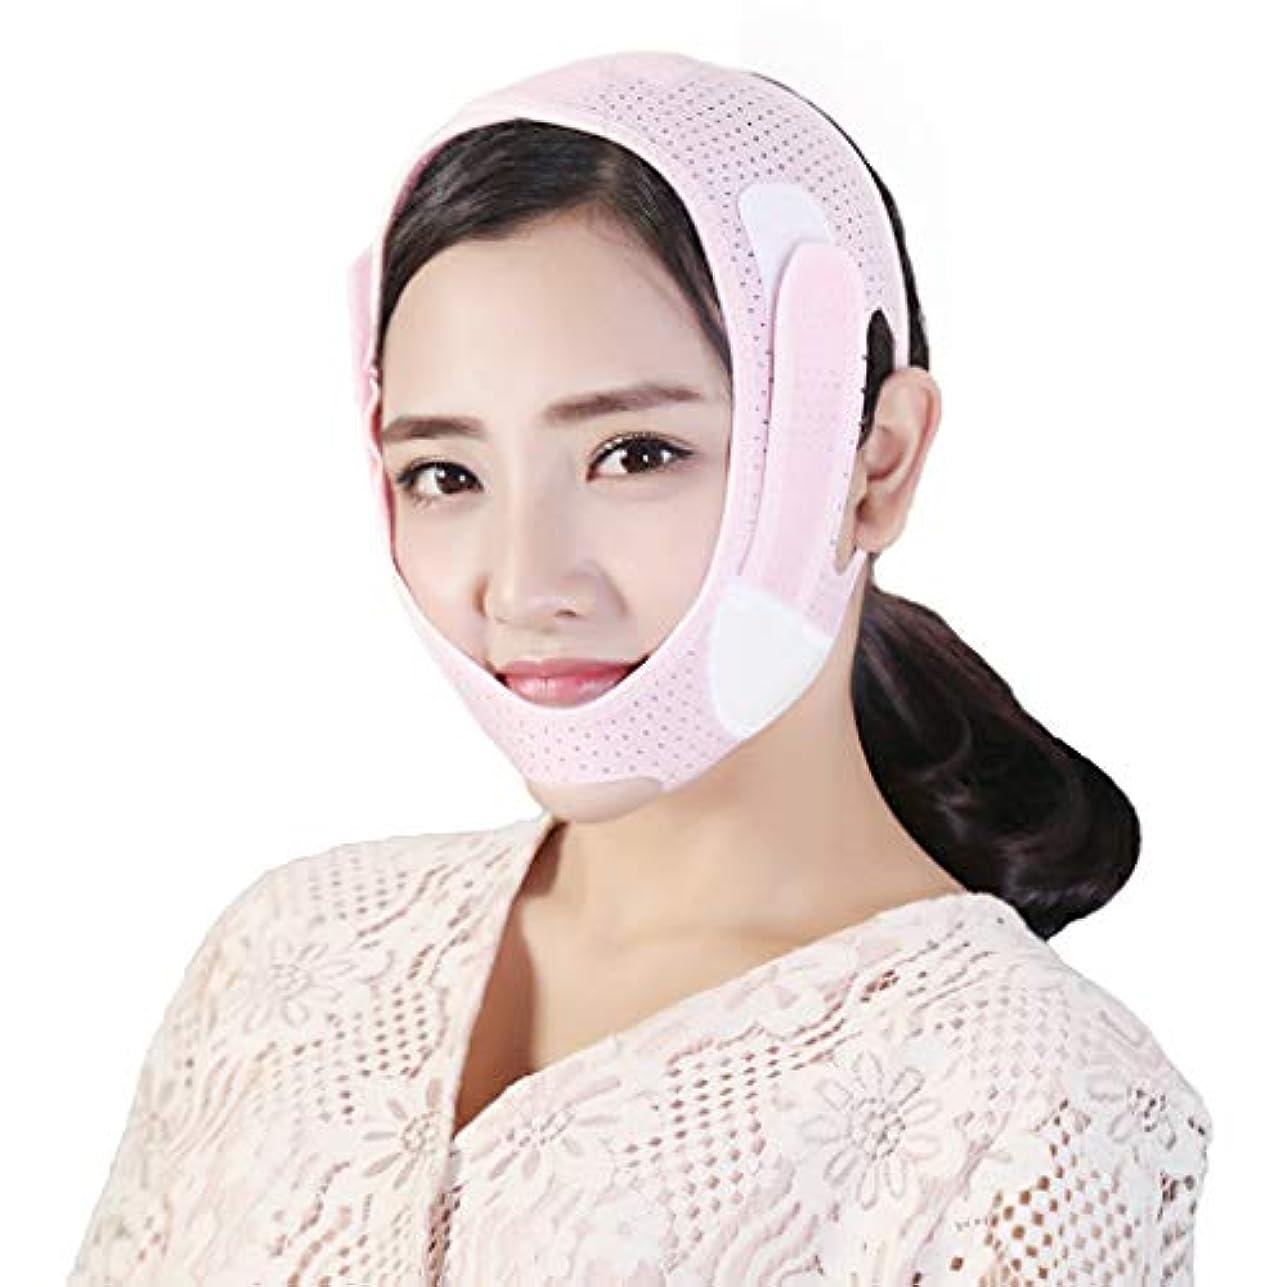 お気に入り直立腐敗した減量マスク薄い顔のマスクV顔の薄い顔の咬筋ダブル顎の包帯睡眠マスクの通気性